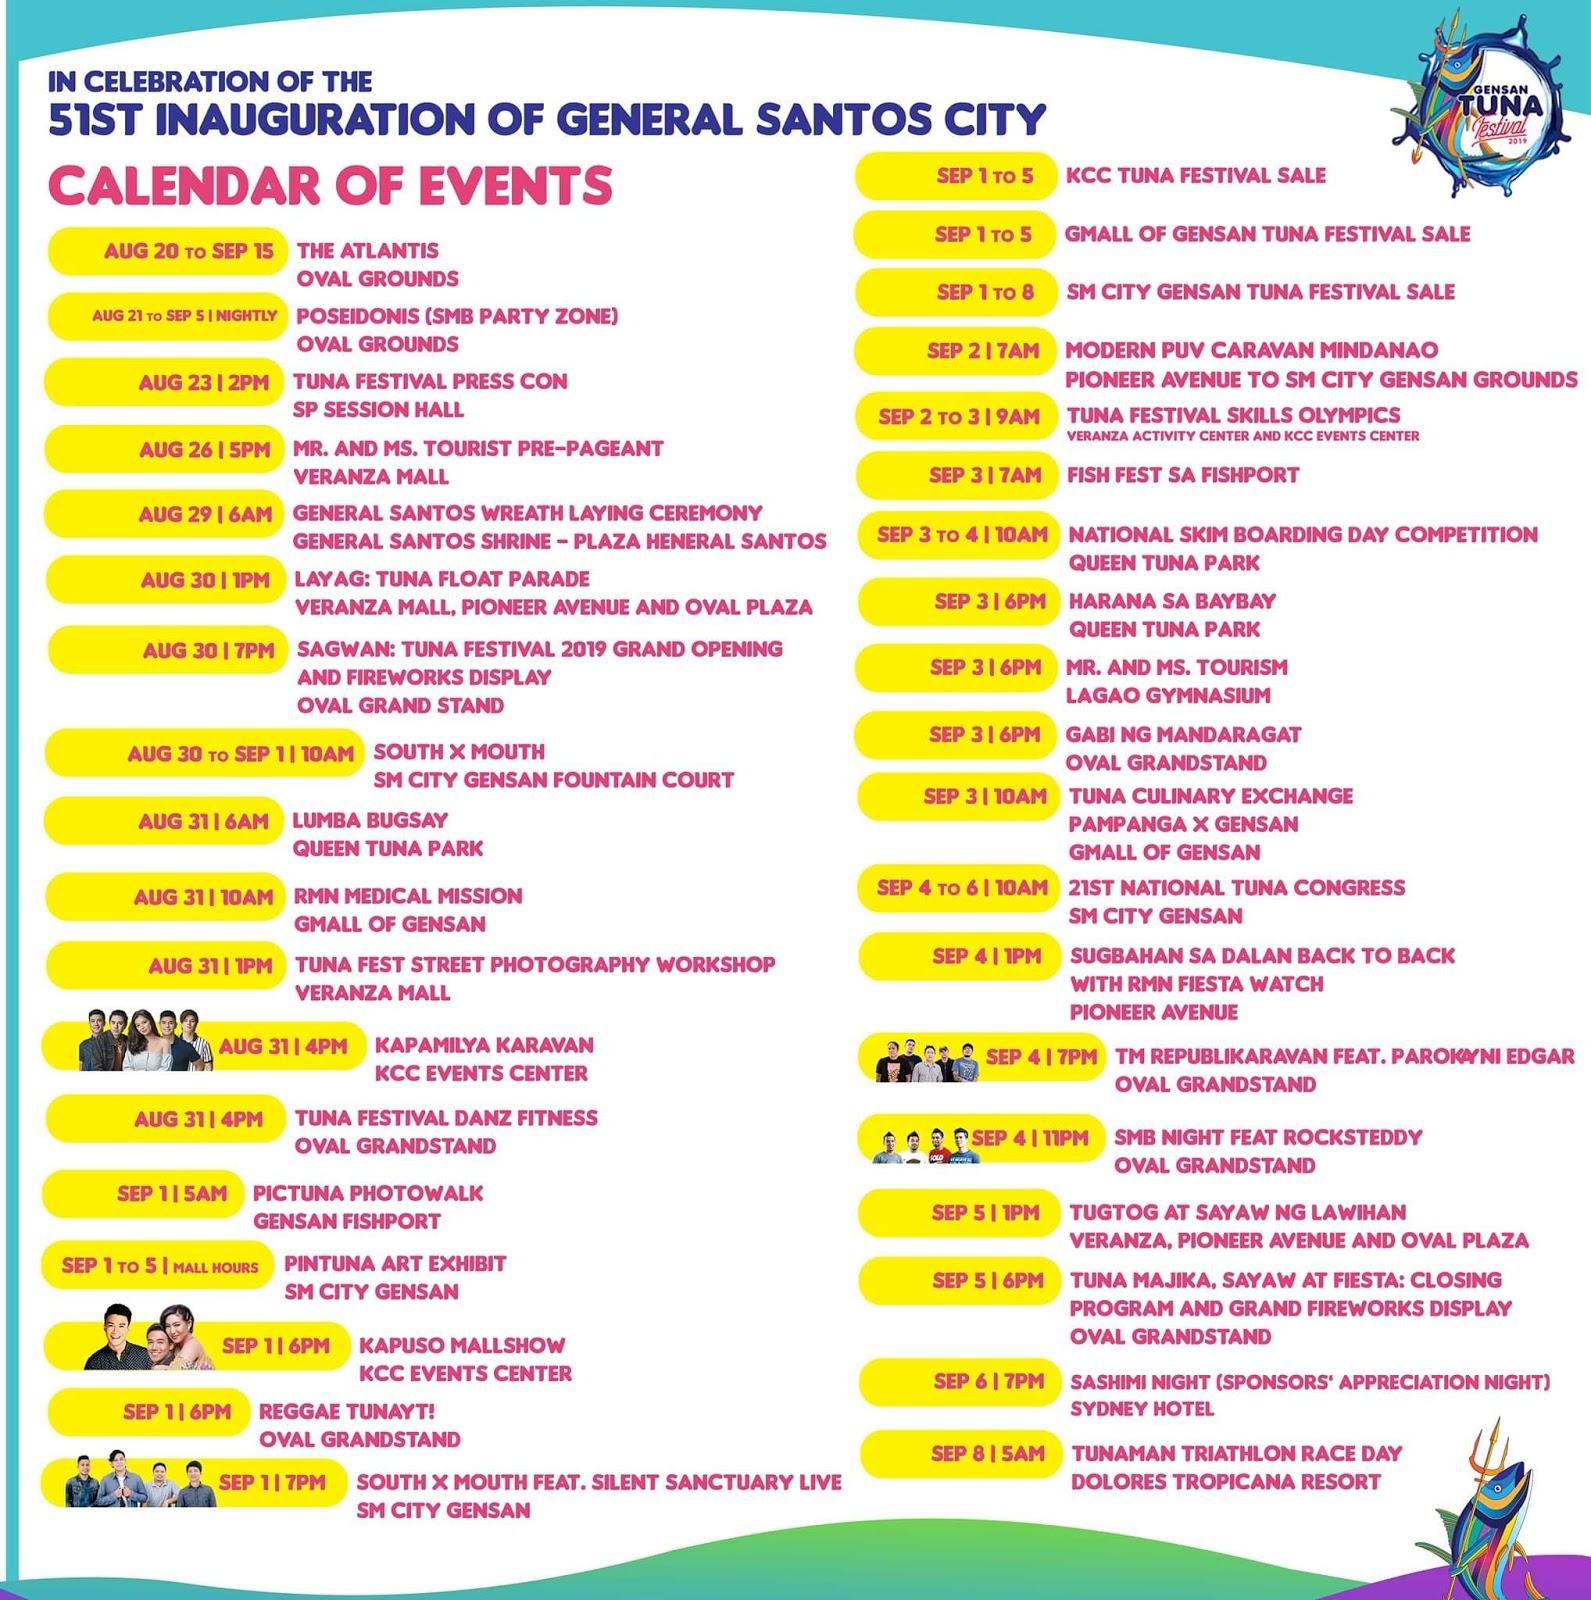 Tuna Festival 2019 Schedule